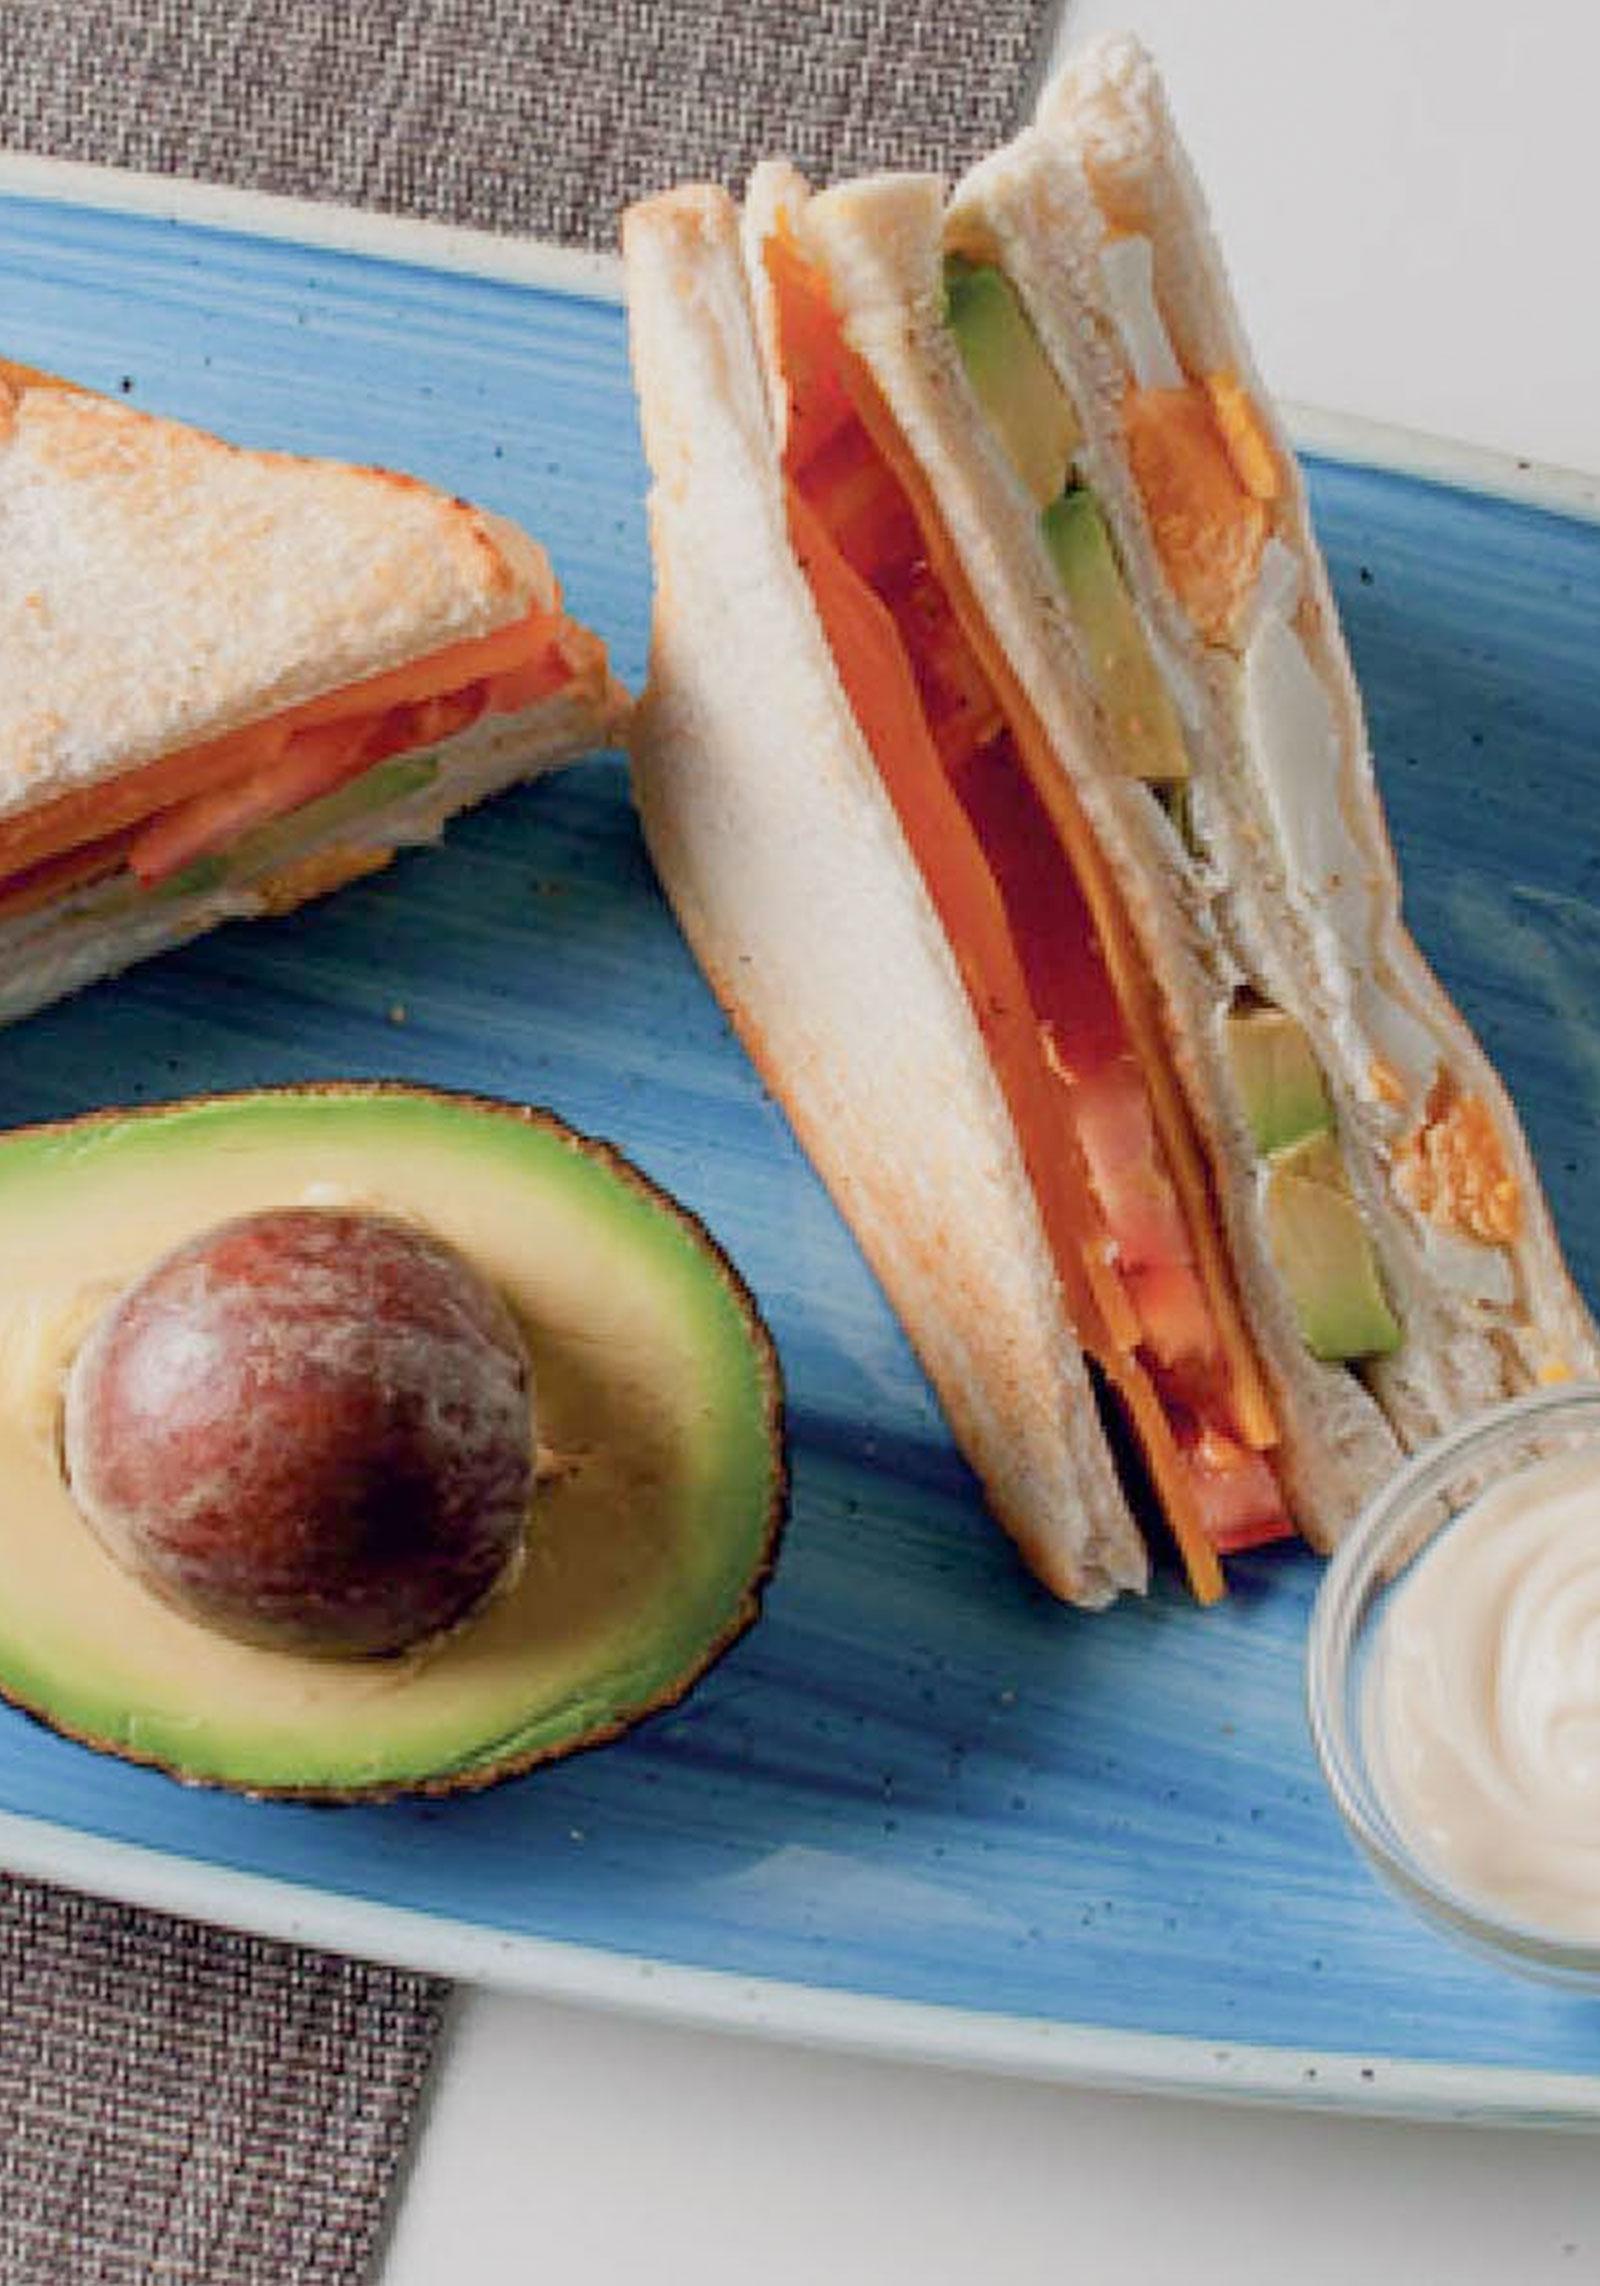 piatti espressi - club sandwich - pasti